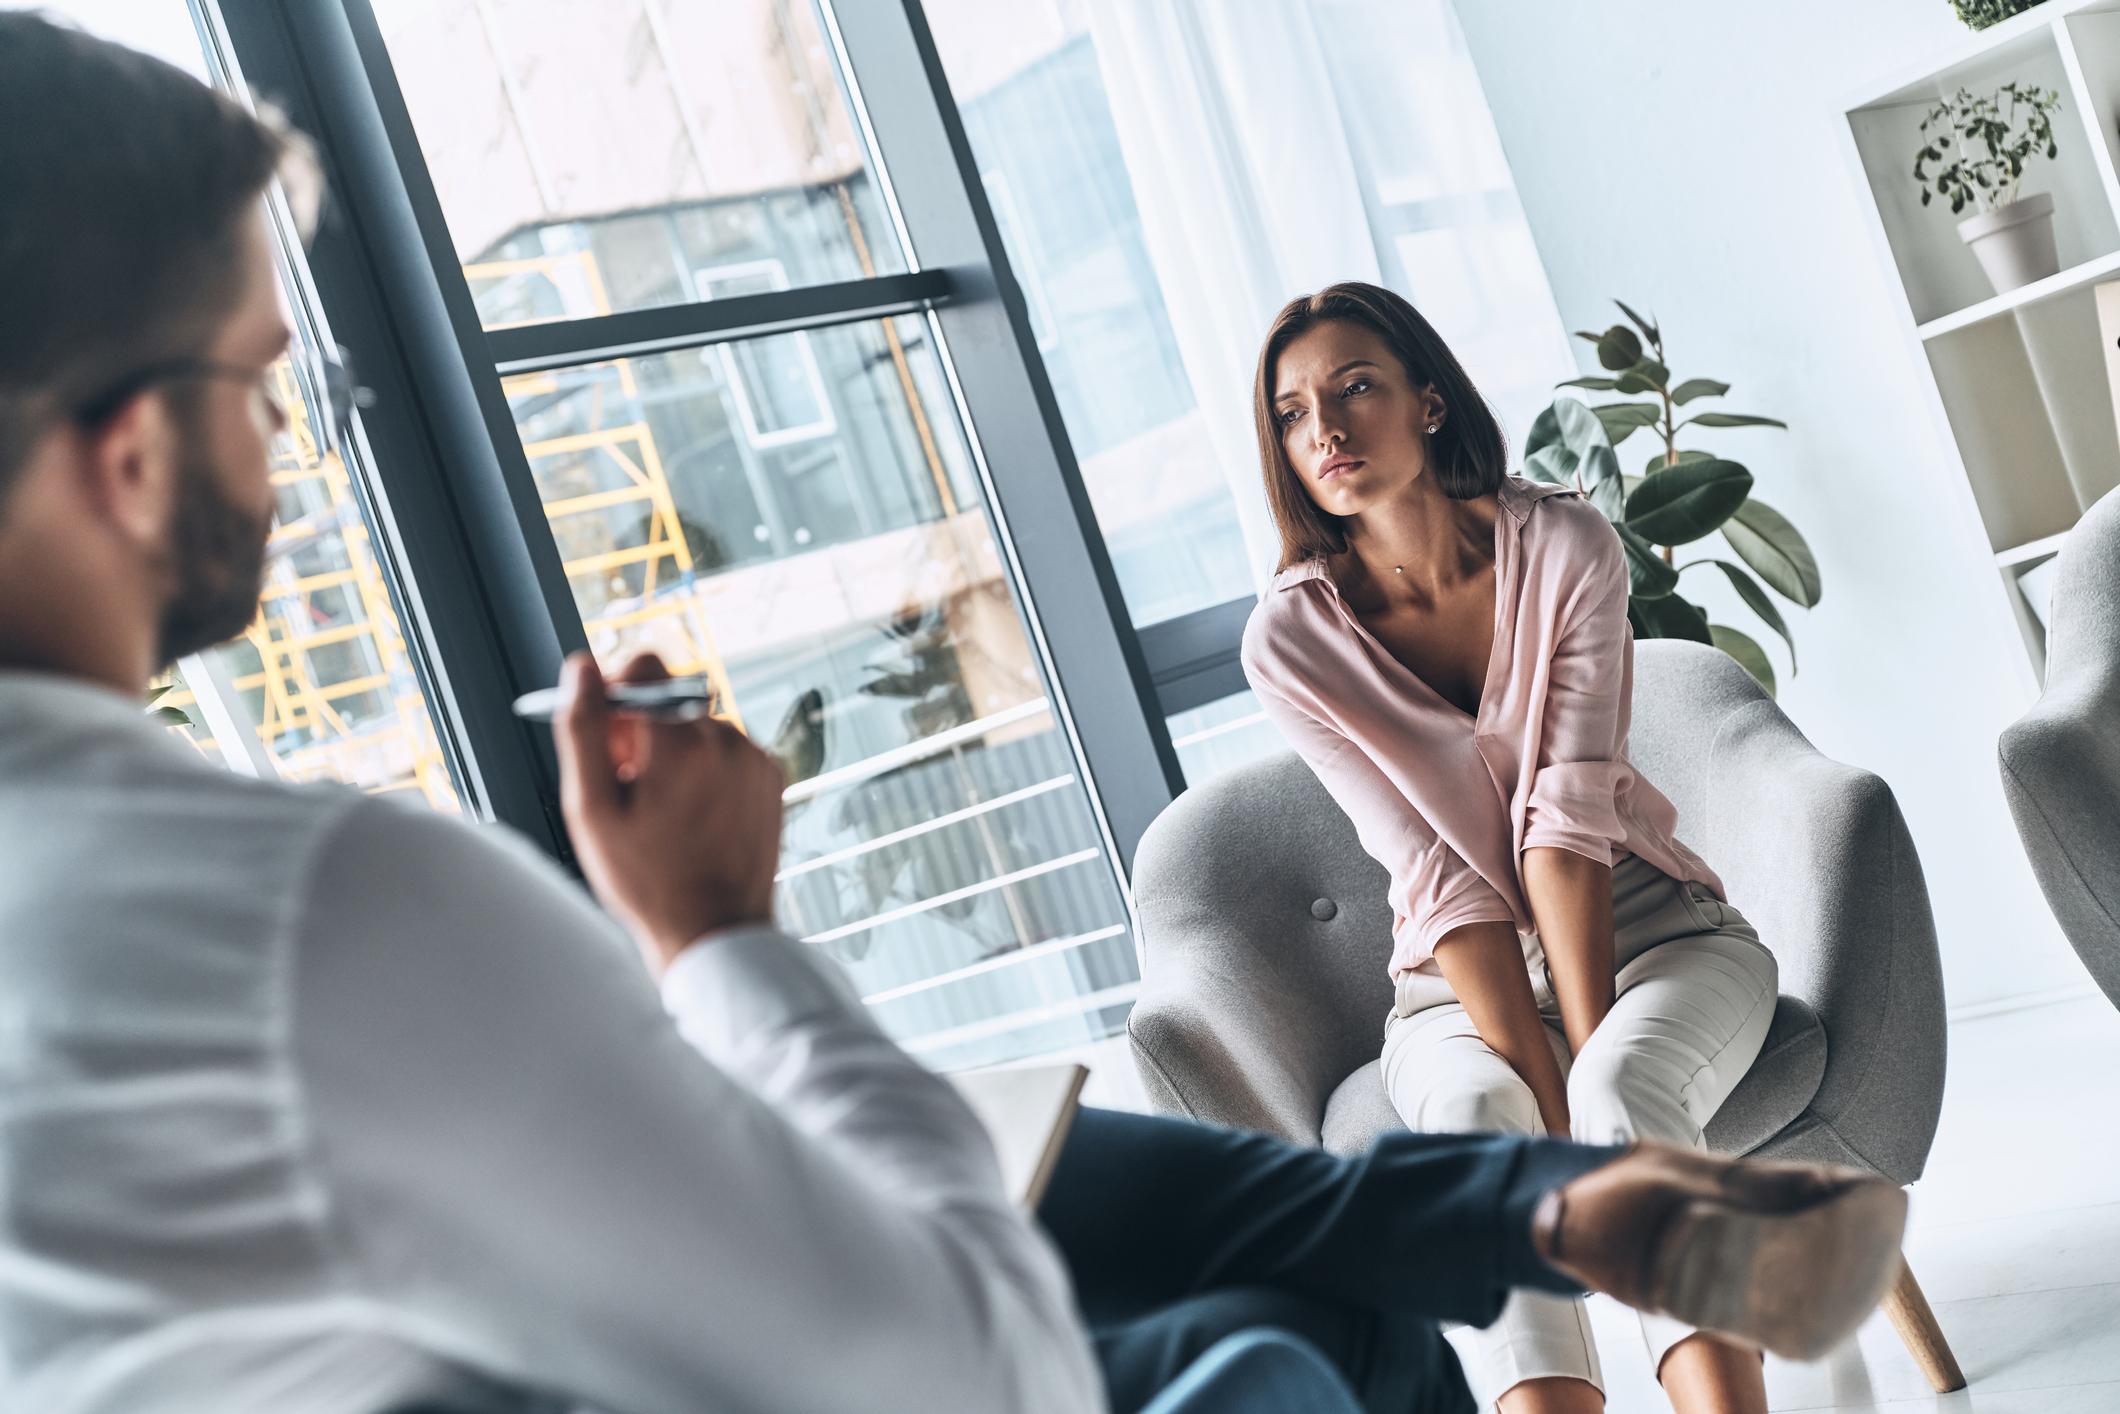 Prije donošenja konačne odluke većina voli poslušati tuđe mišljenje, najčešće se konzultiraju sa članovima obitelji (49 posto), partnerom (44 posto) i prijateljima (28 posto), dok svaka peta osoba tu važnu odluku donosi samostalno.